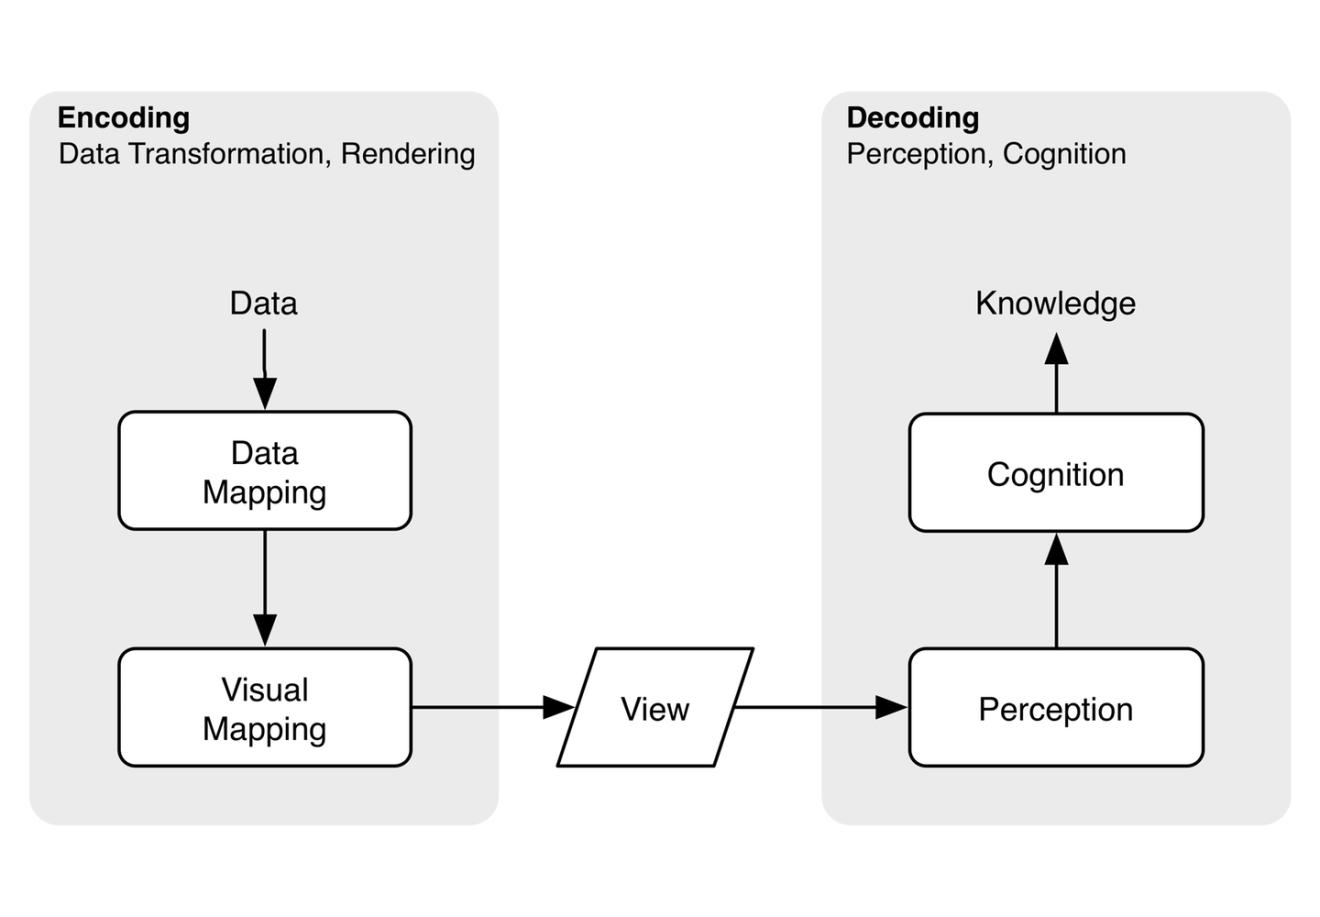 Encoding vs. Decoding